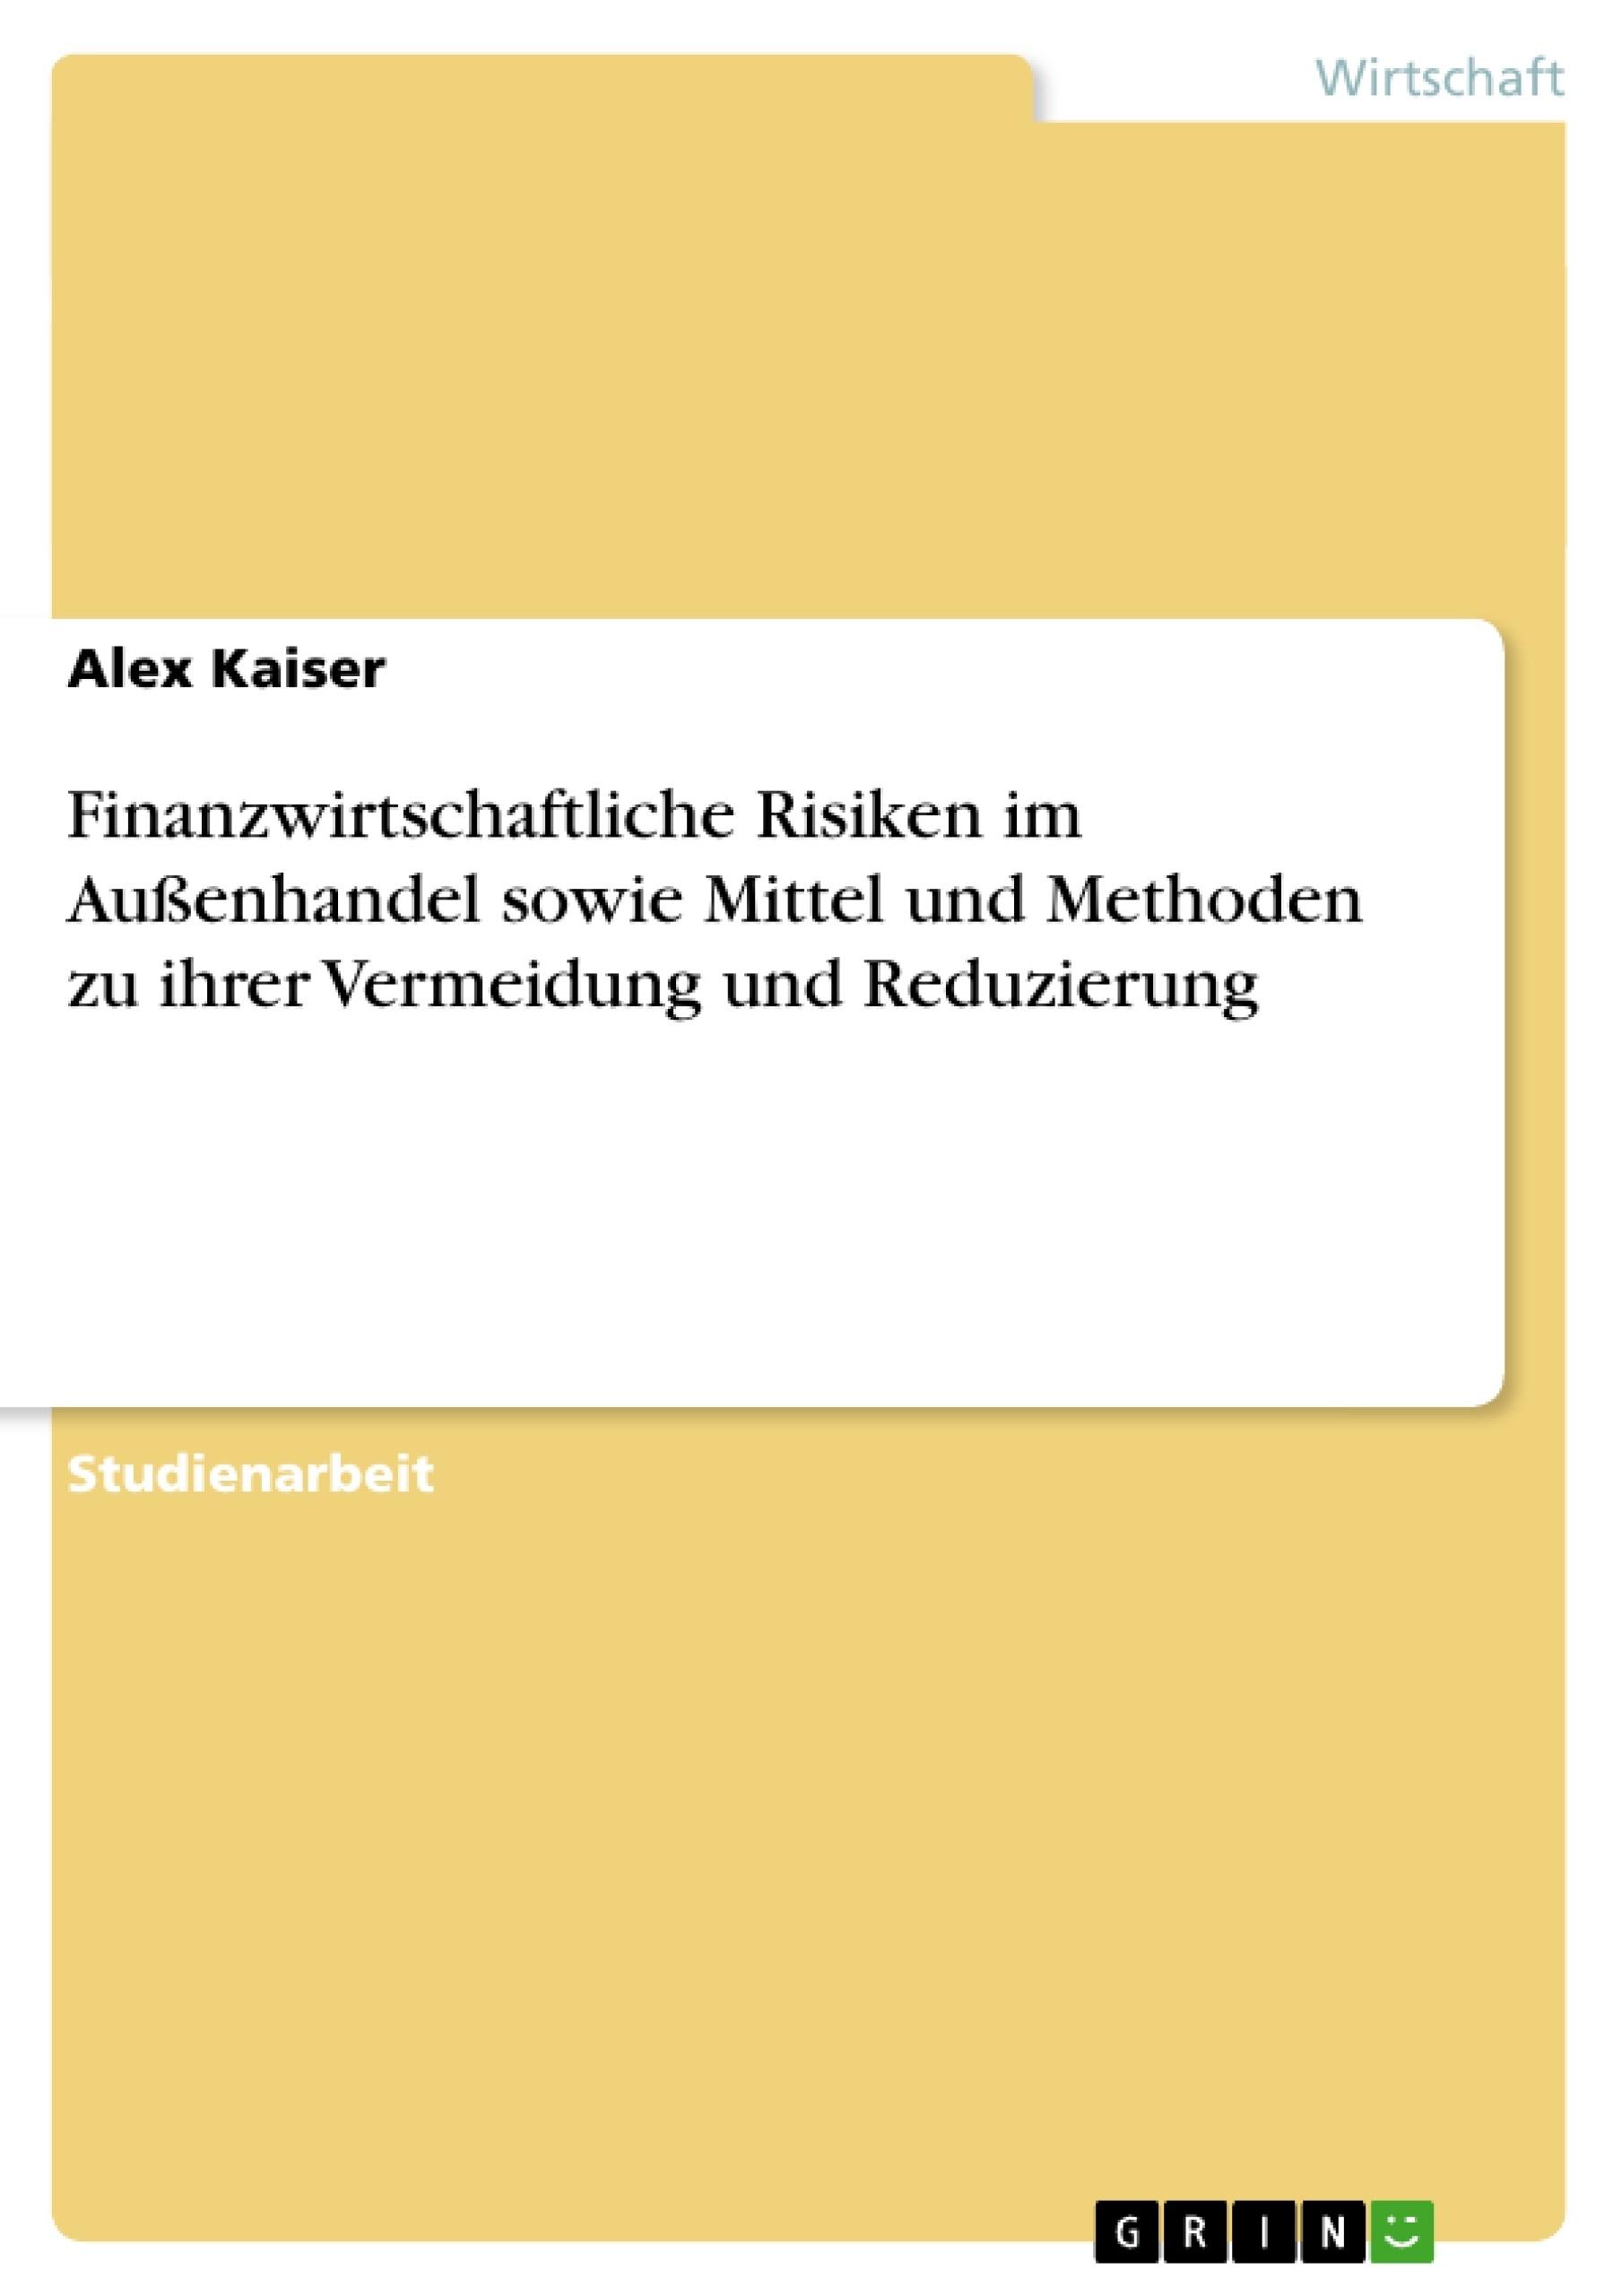 Titel: Finanzwirtschaftliche Risiken im Außenhandel sowie Mittel und Methoden zu ihrer Vermeidung und Reduzierung